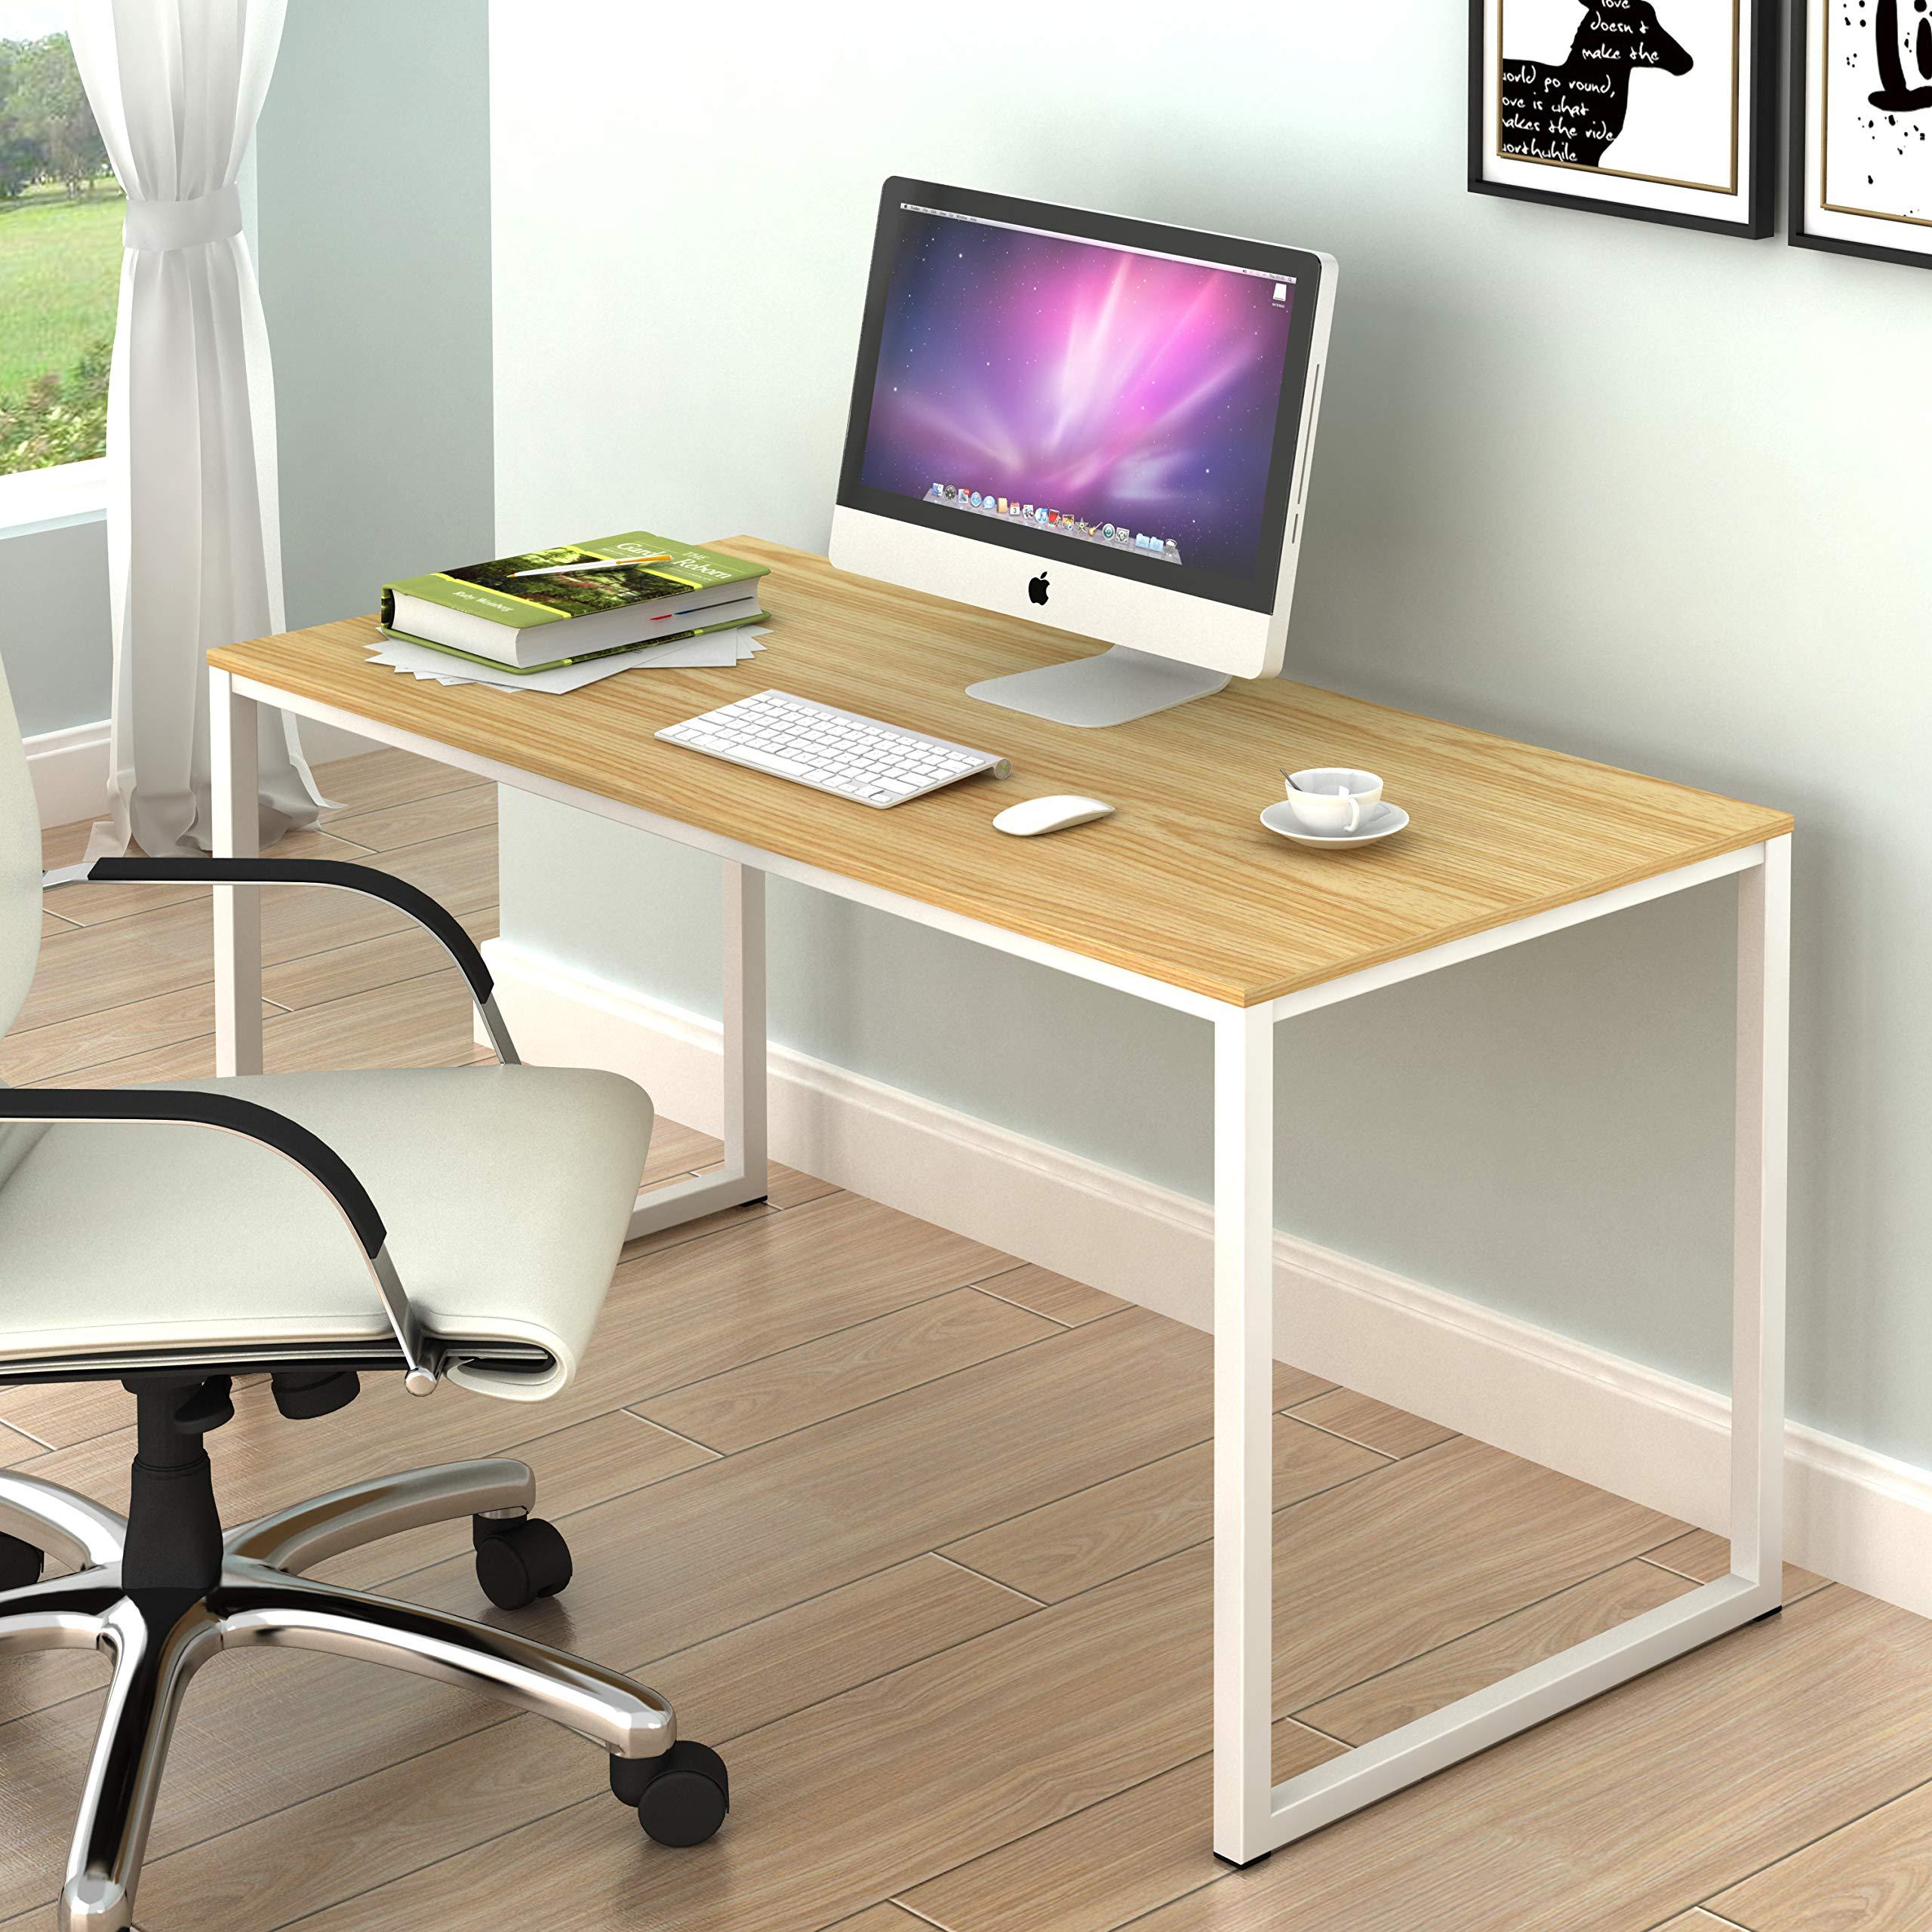 SHW Home Office 48-Inch Computer Desk, White/Oak by SHW